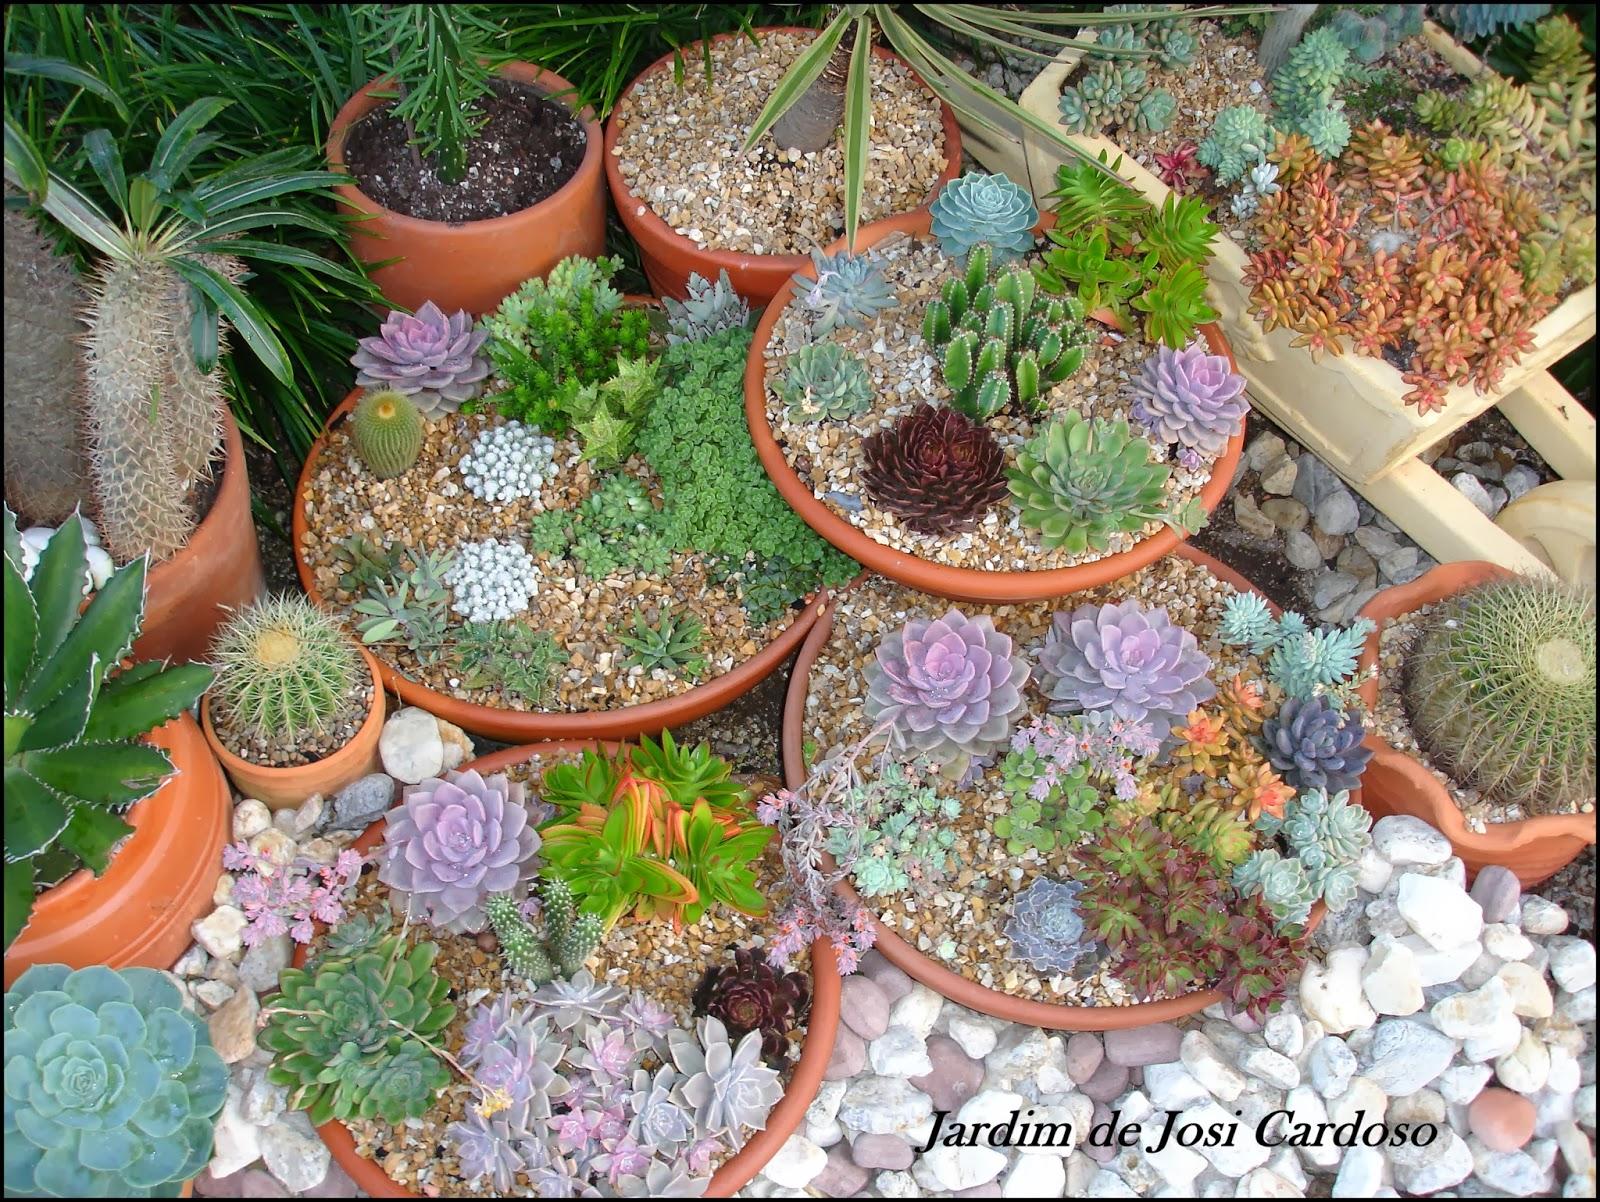 plantas de jardim resistentes ao sol:Jardim de Josi Cardoso: Dicas para Deixar as Suculentas Mais Bonitas e